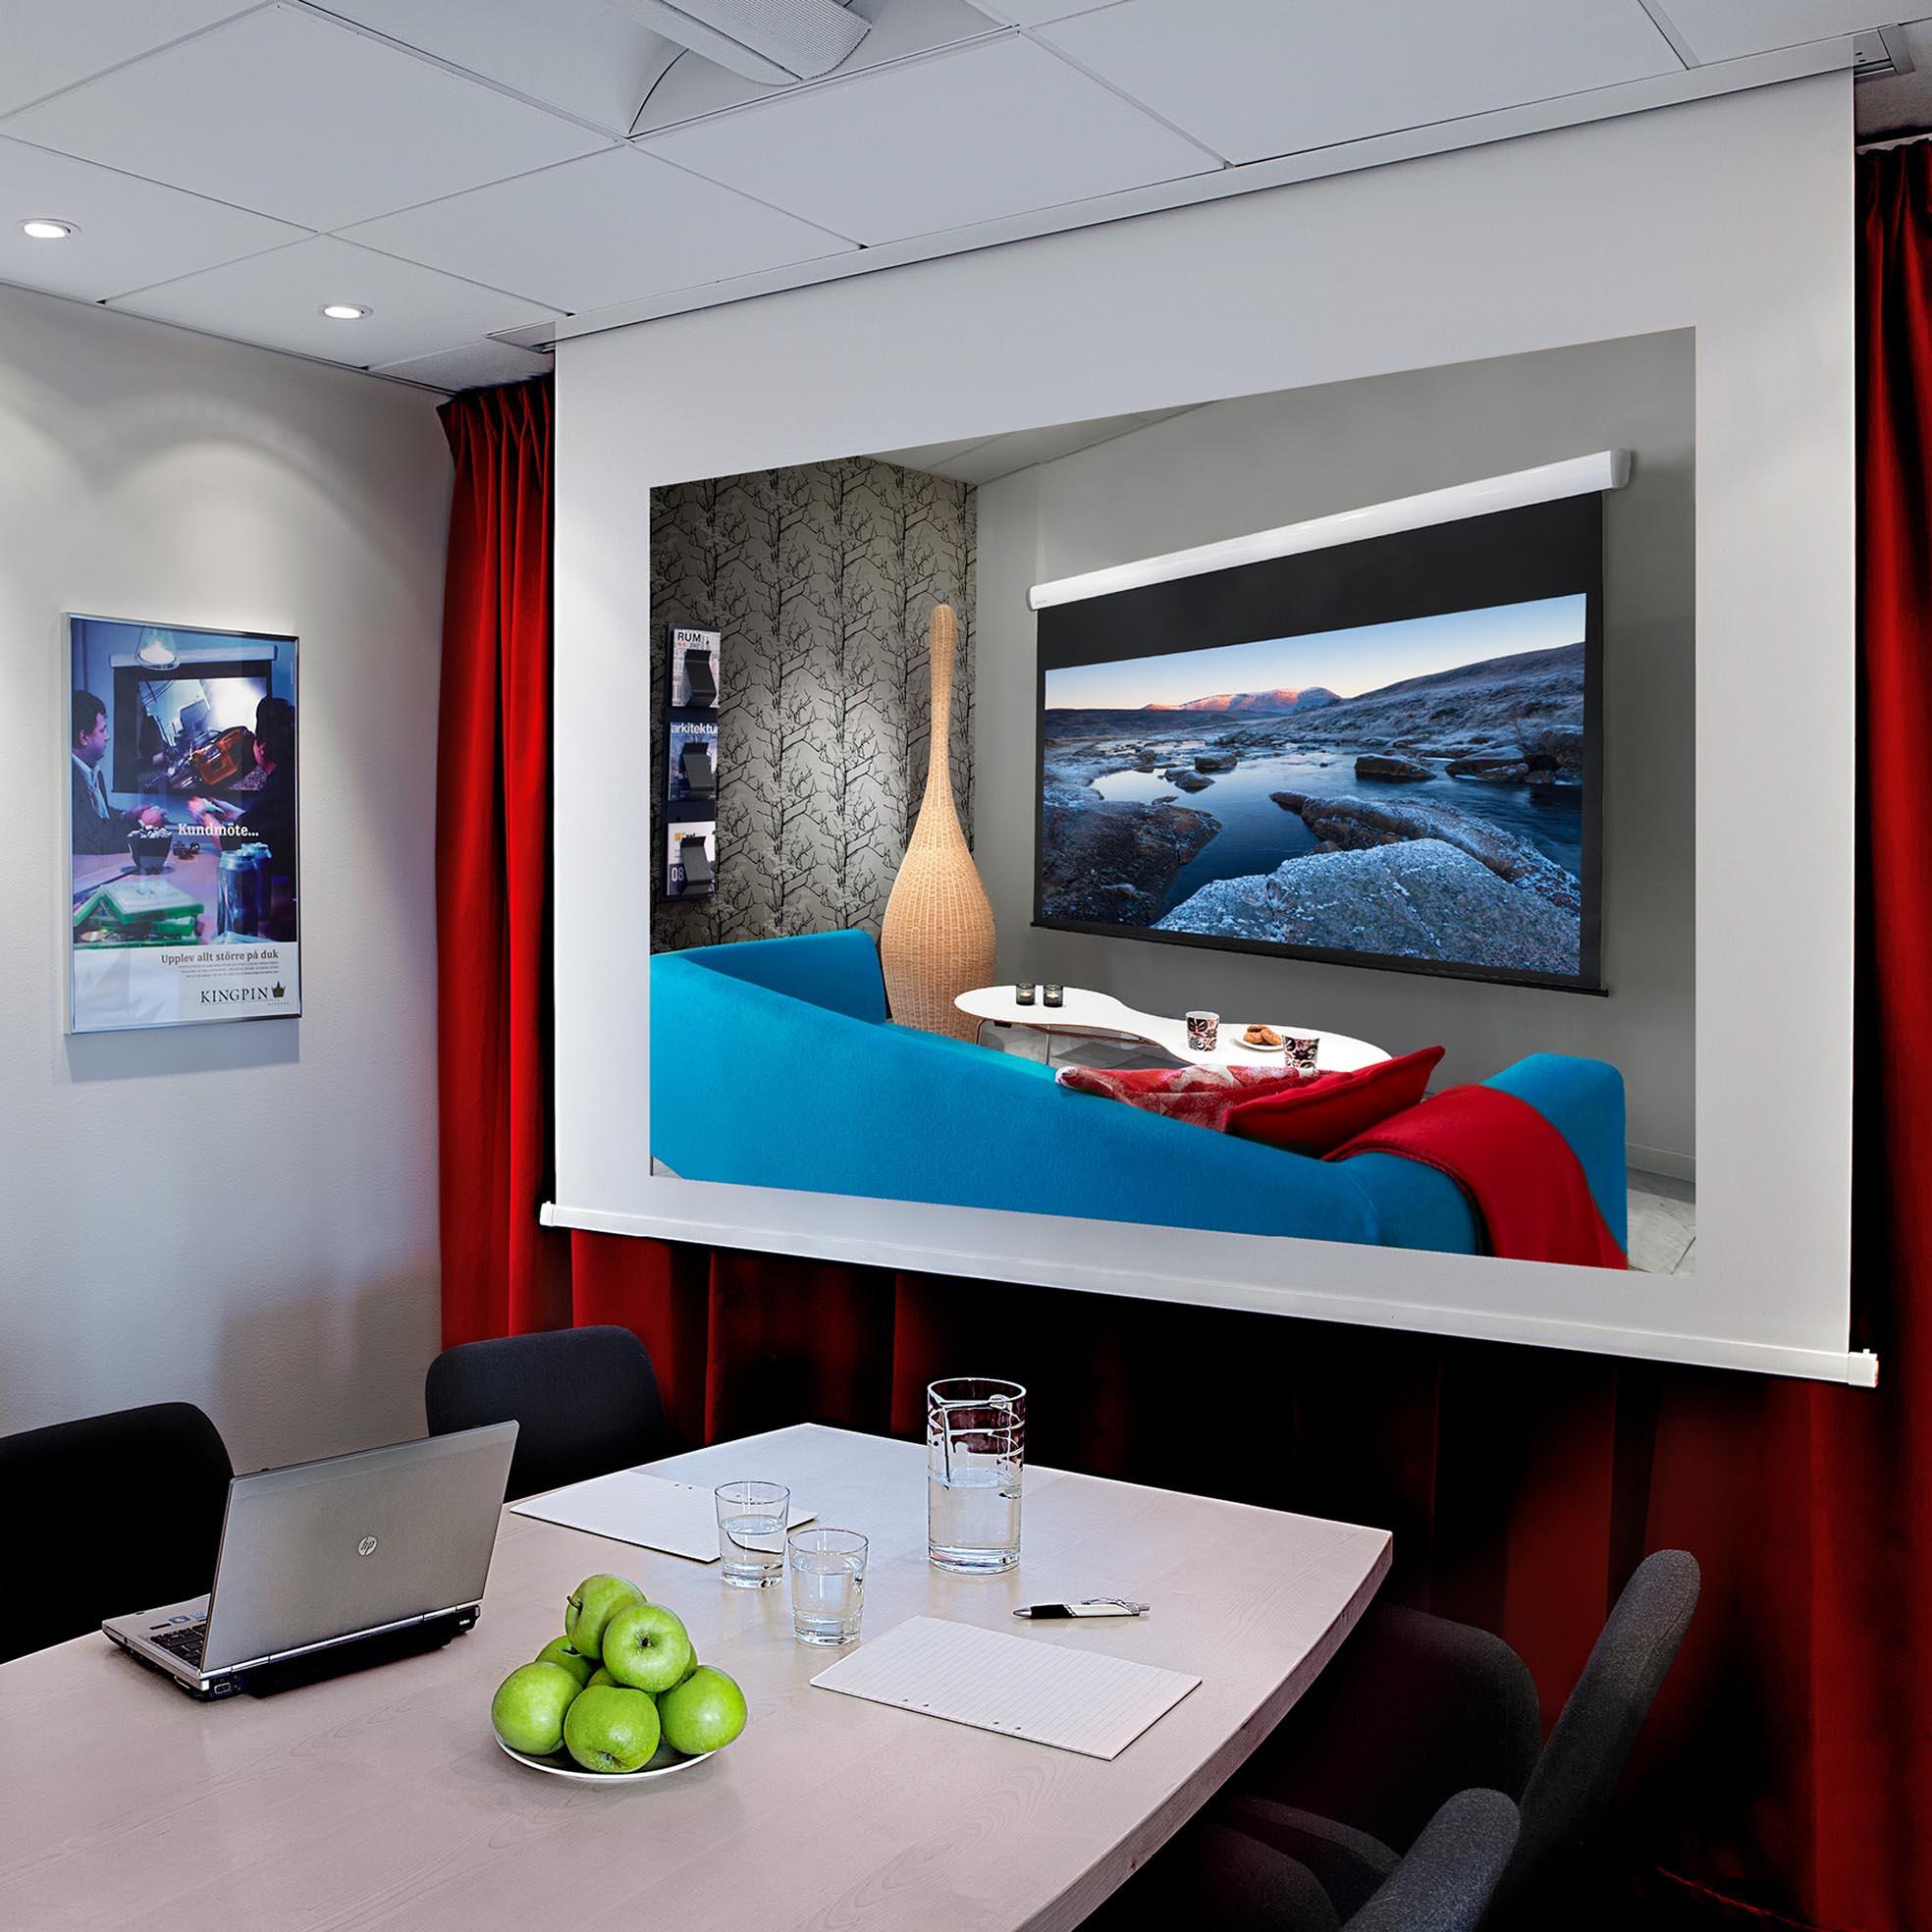 Projektionsduk för inbyggnad i tak för projektor, miljöbild i konferensrum, från Kingpin Screens